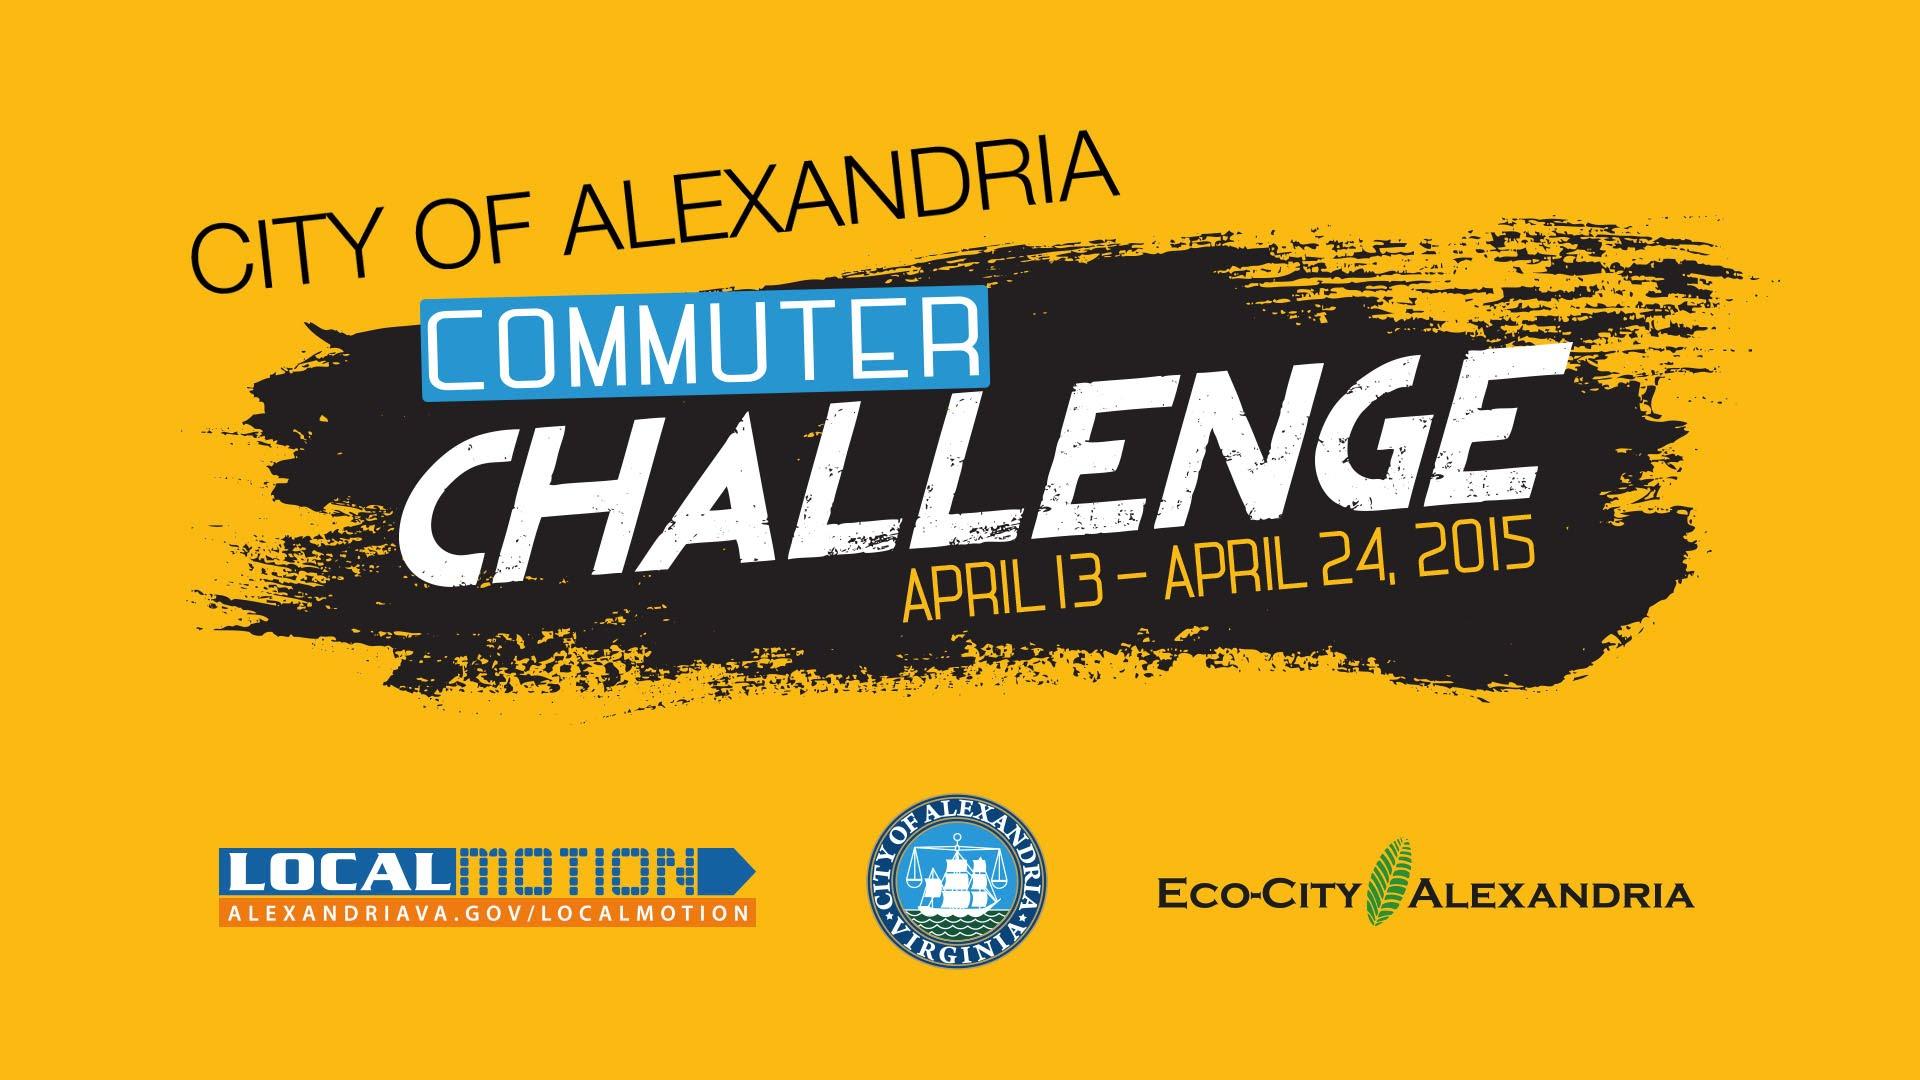 City of Alexandria Commuter Challenge